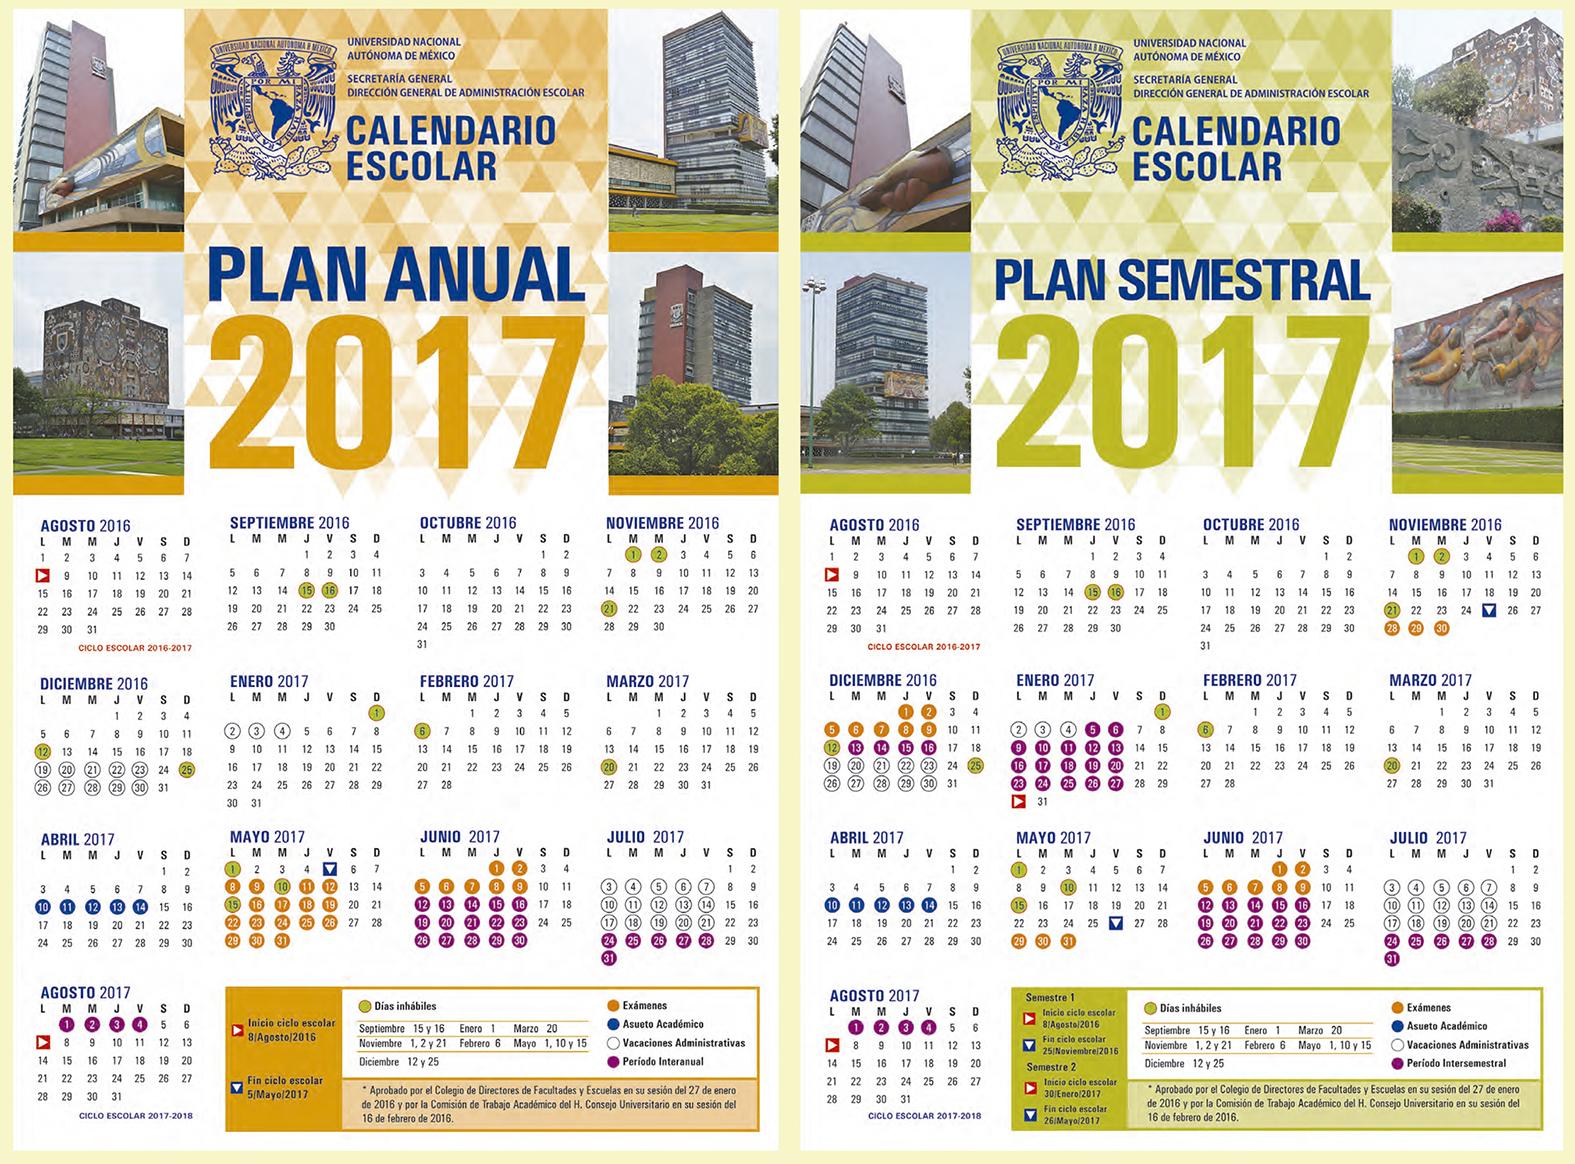 Conoce y descarga los calendarios escolares de la UNAM